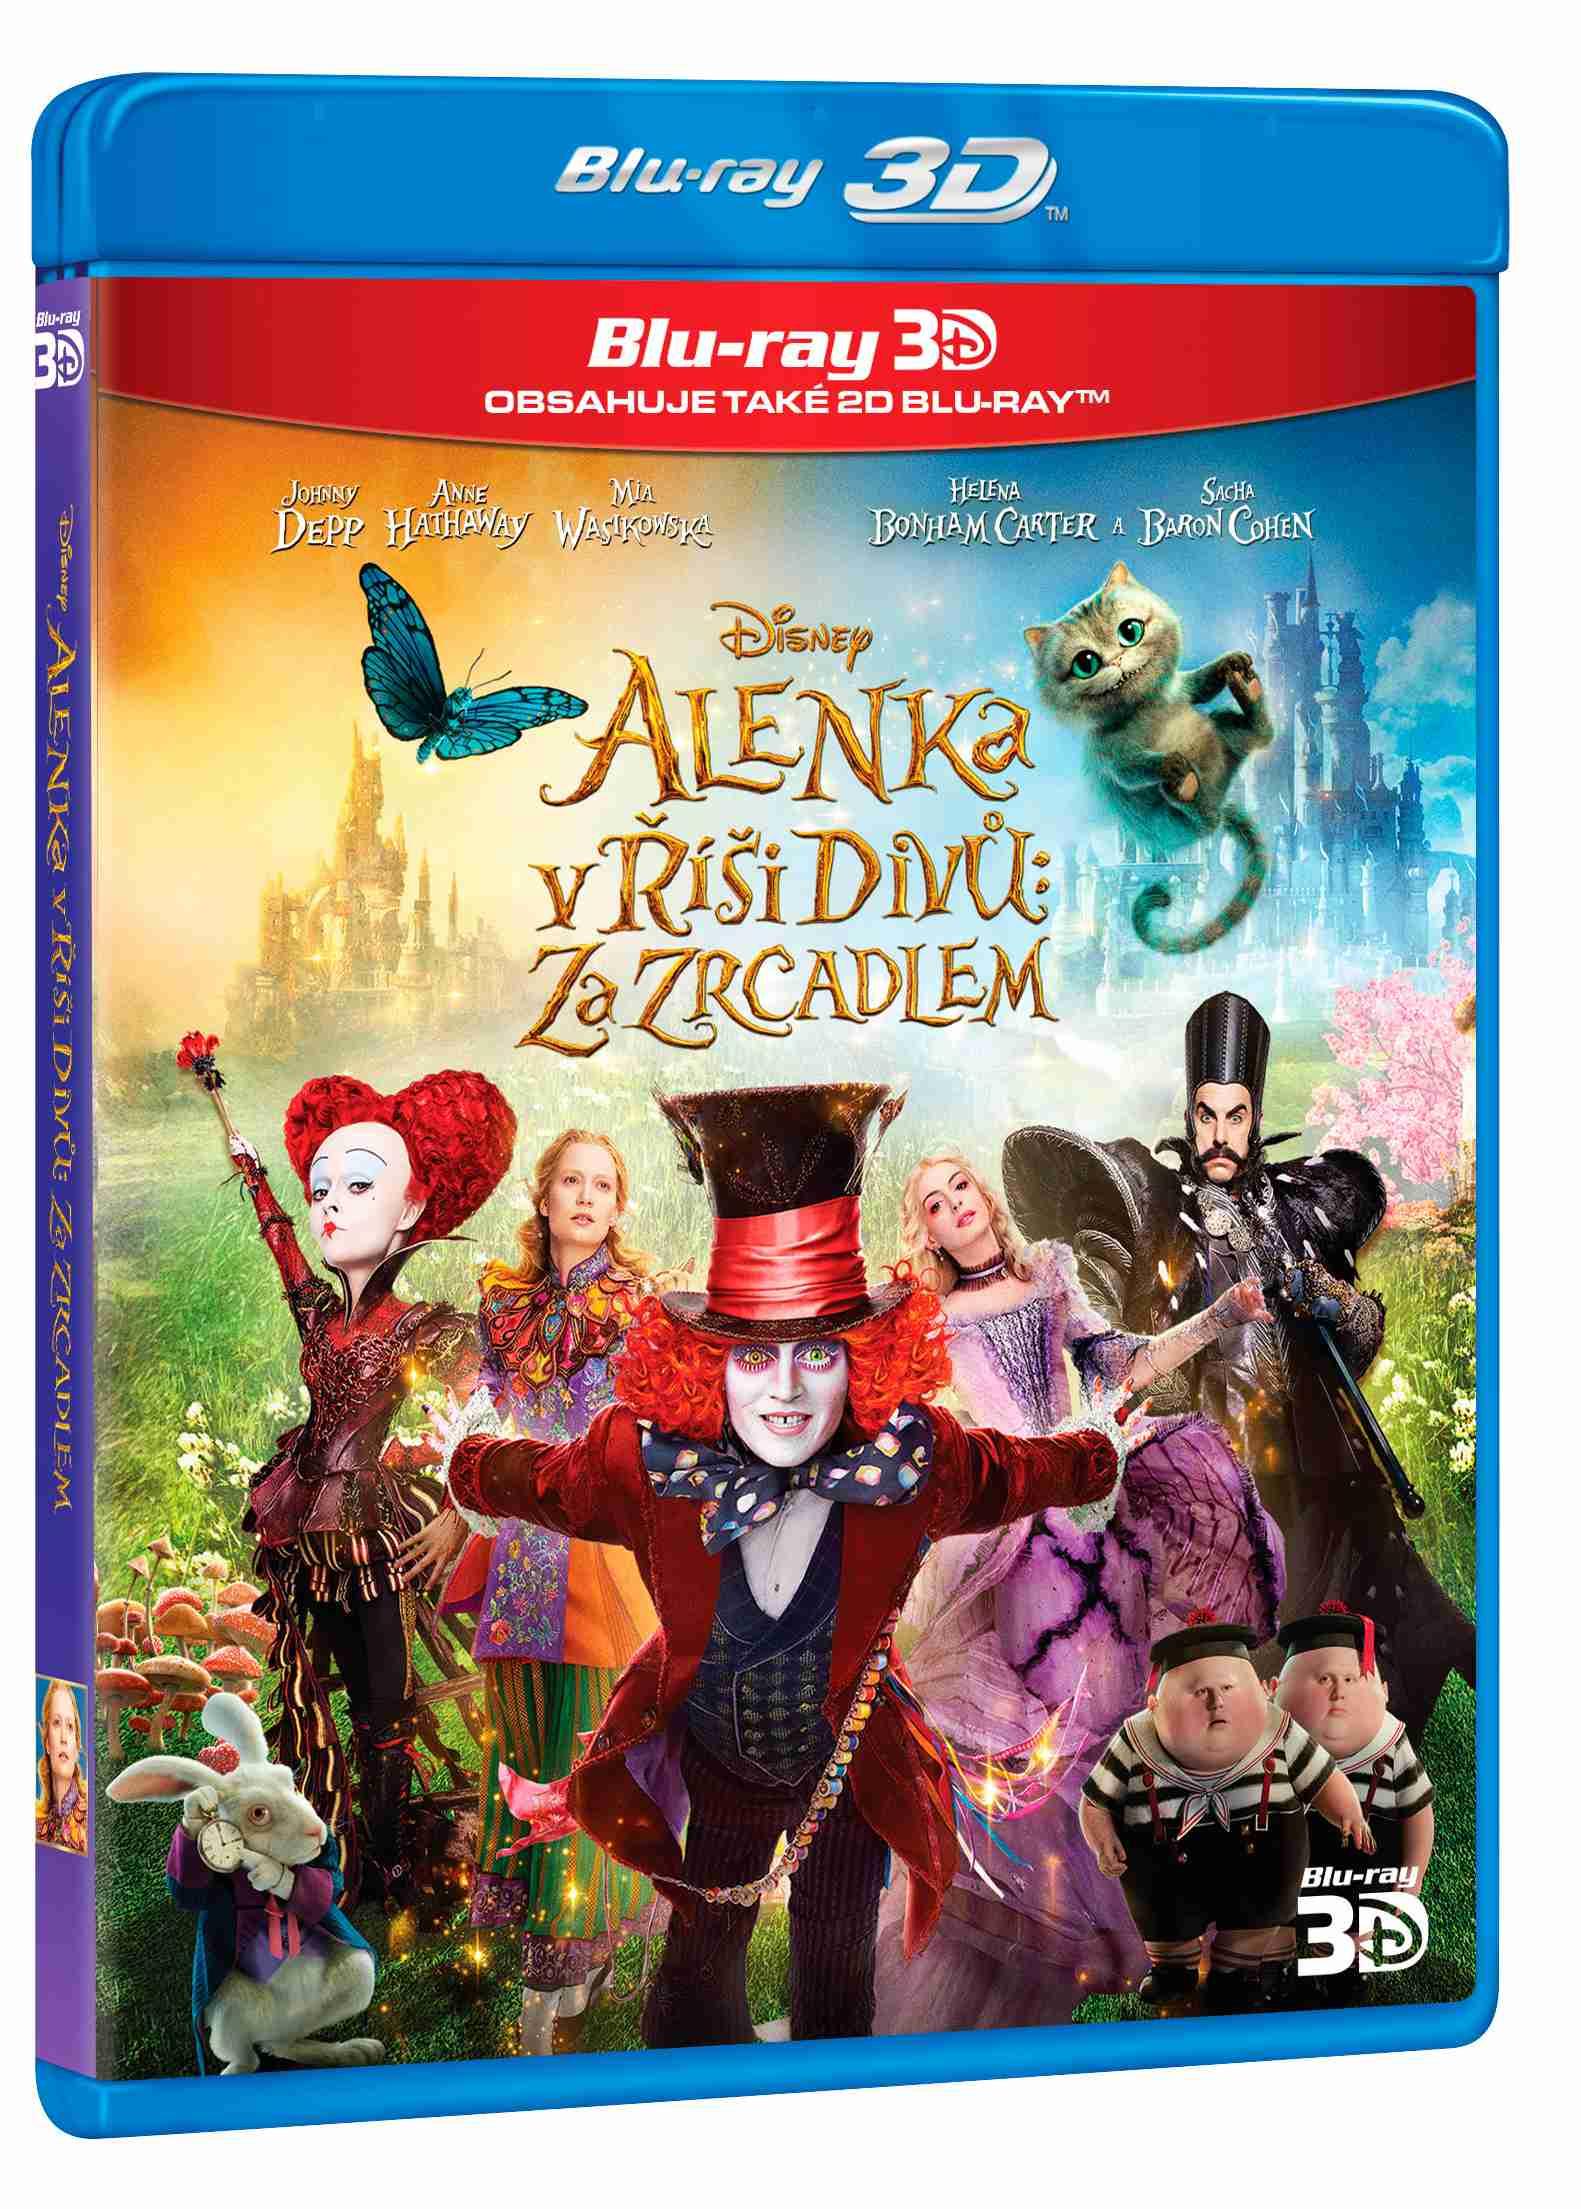 ALENKA V ŘÍŠI DIVŮ: ZA ZRCADLEM - Blu-ray 3D + 2D